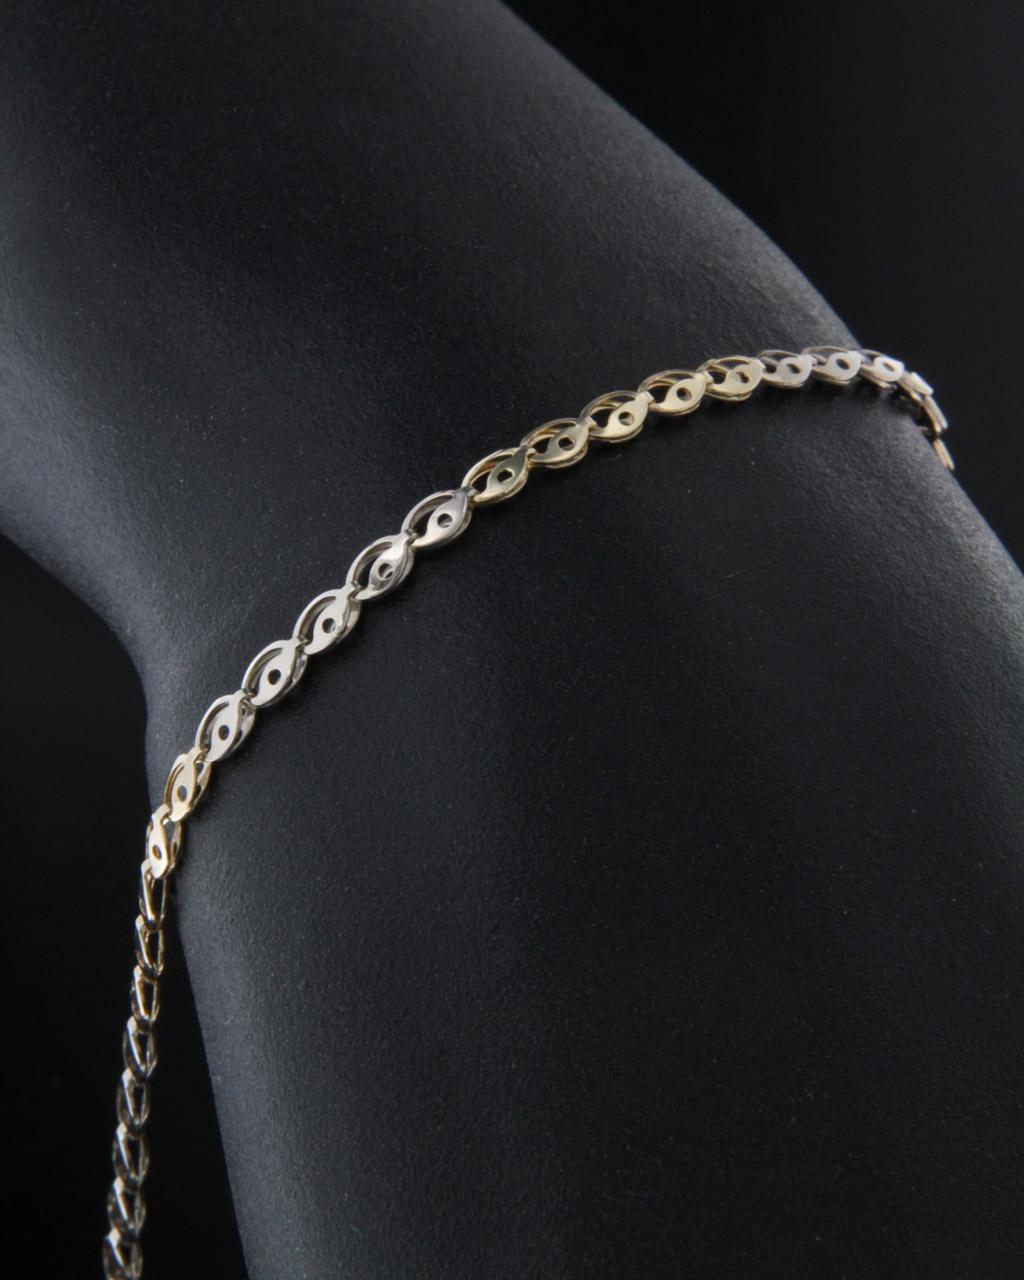 Βραχιόλι από κίτρινο χρυσό & λευκόχρυσο Κ9   νεεσ αφιξεισ κοσμήματα γυναικεία